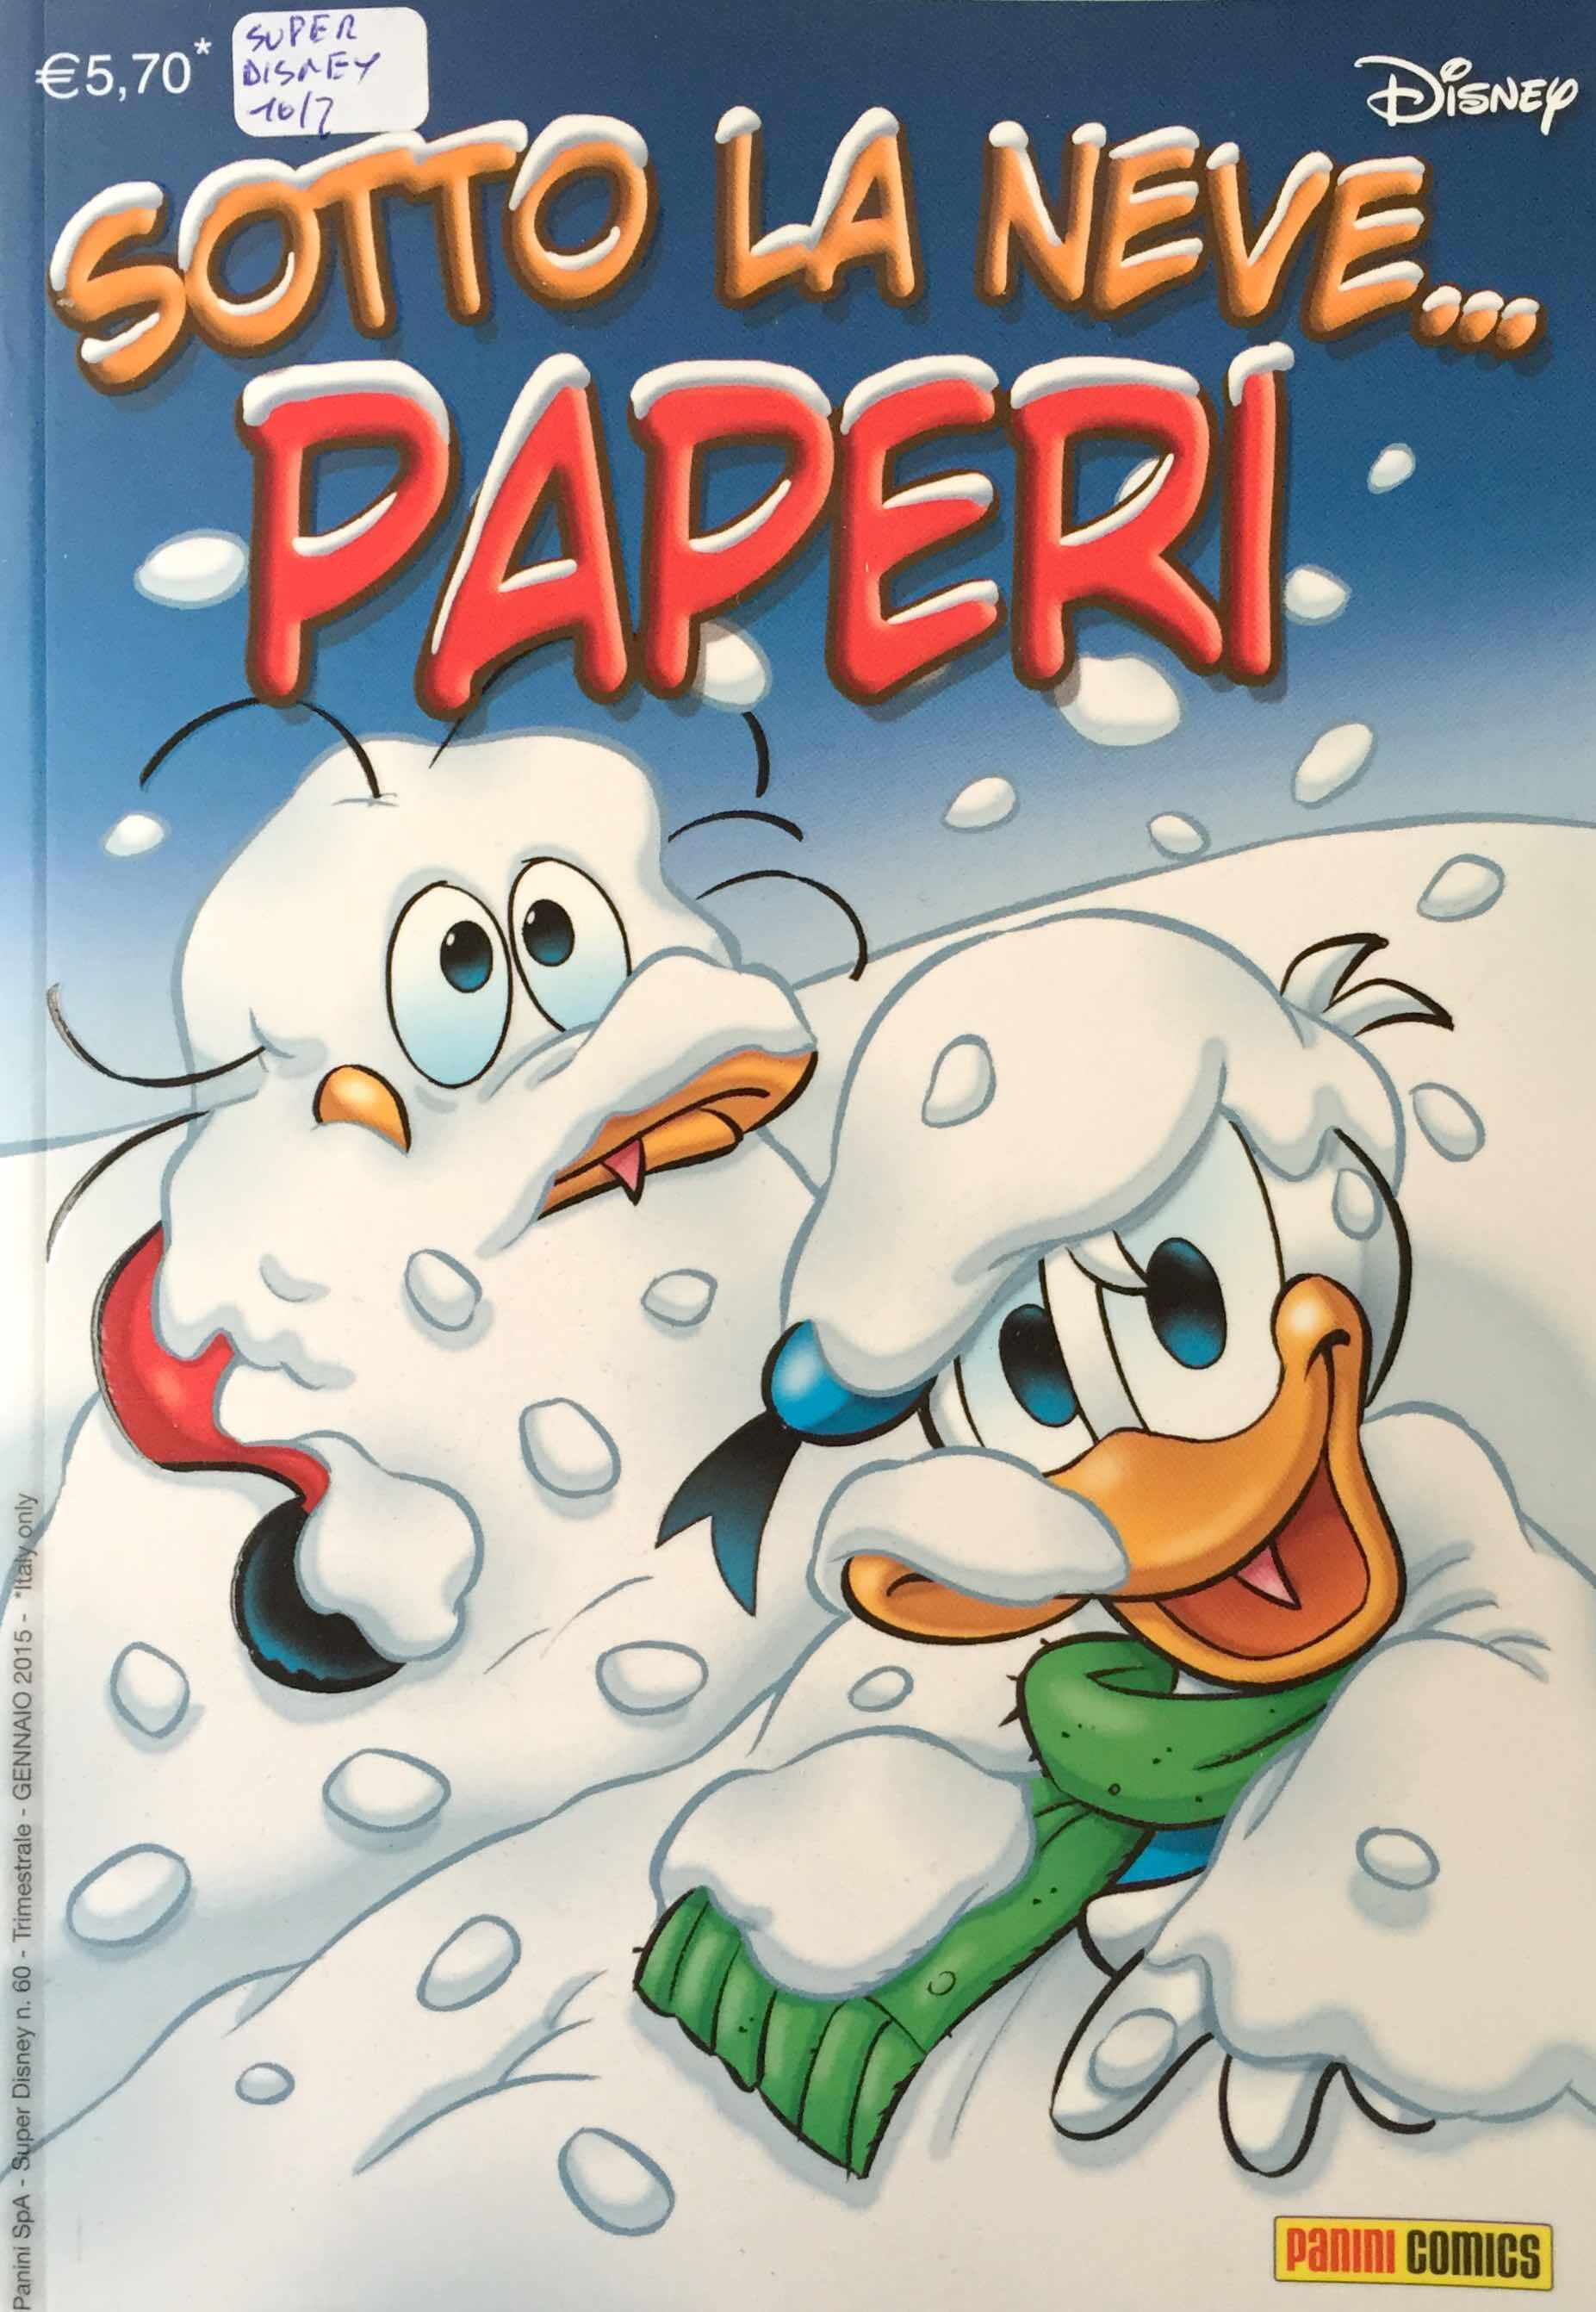 Sotto la neve… paperi